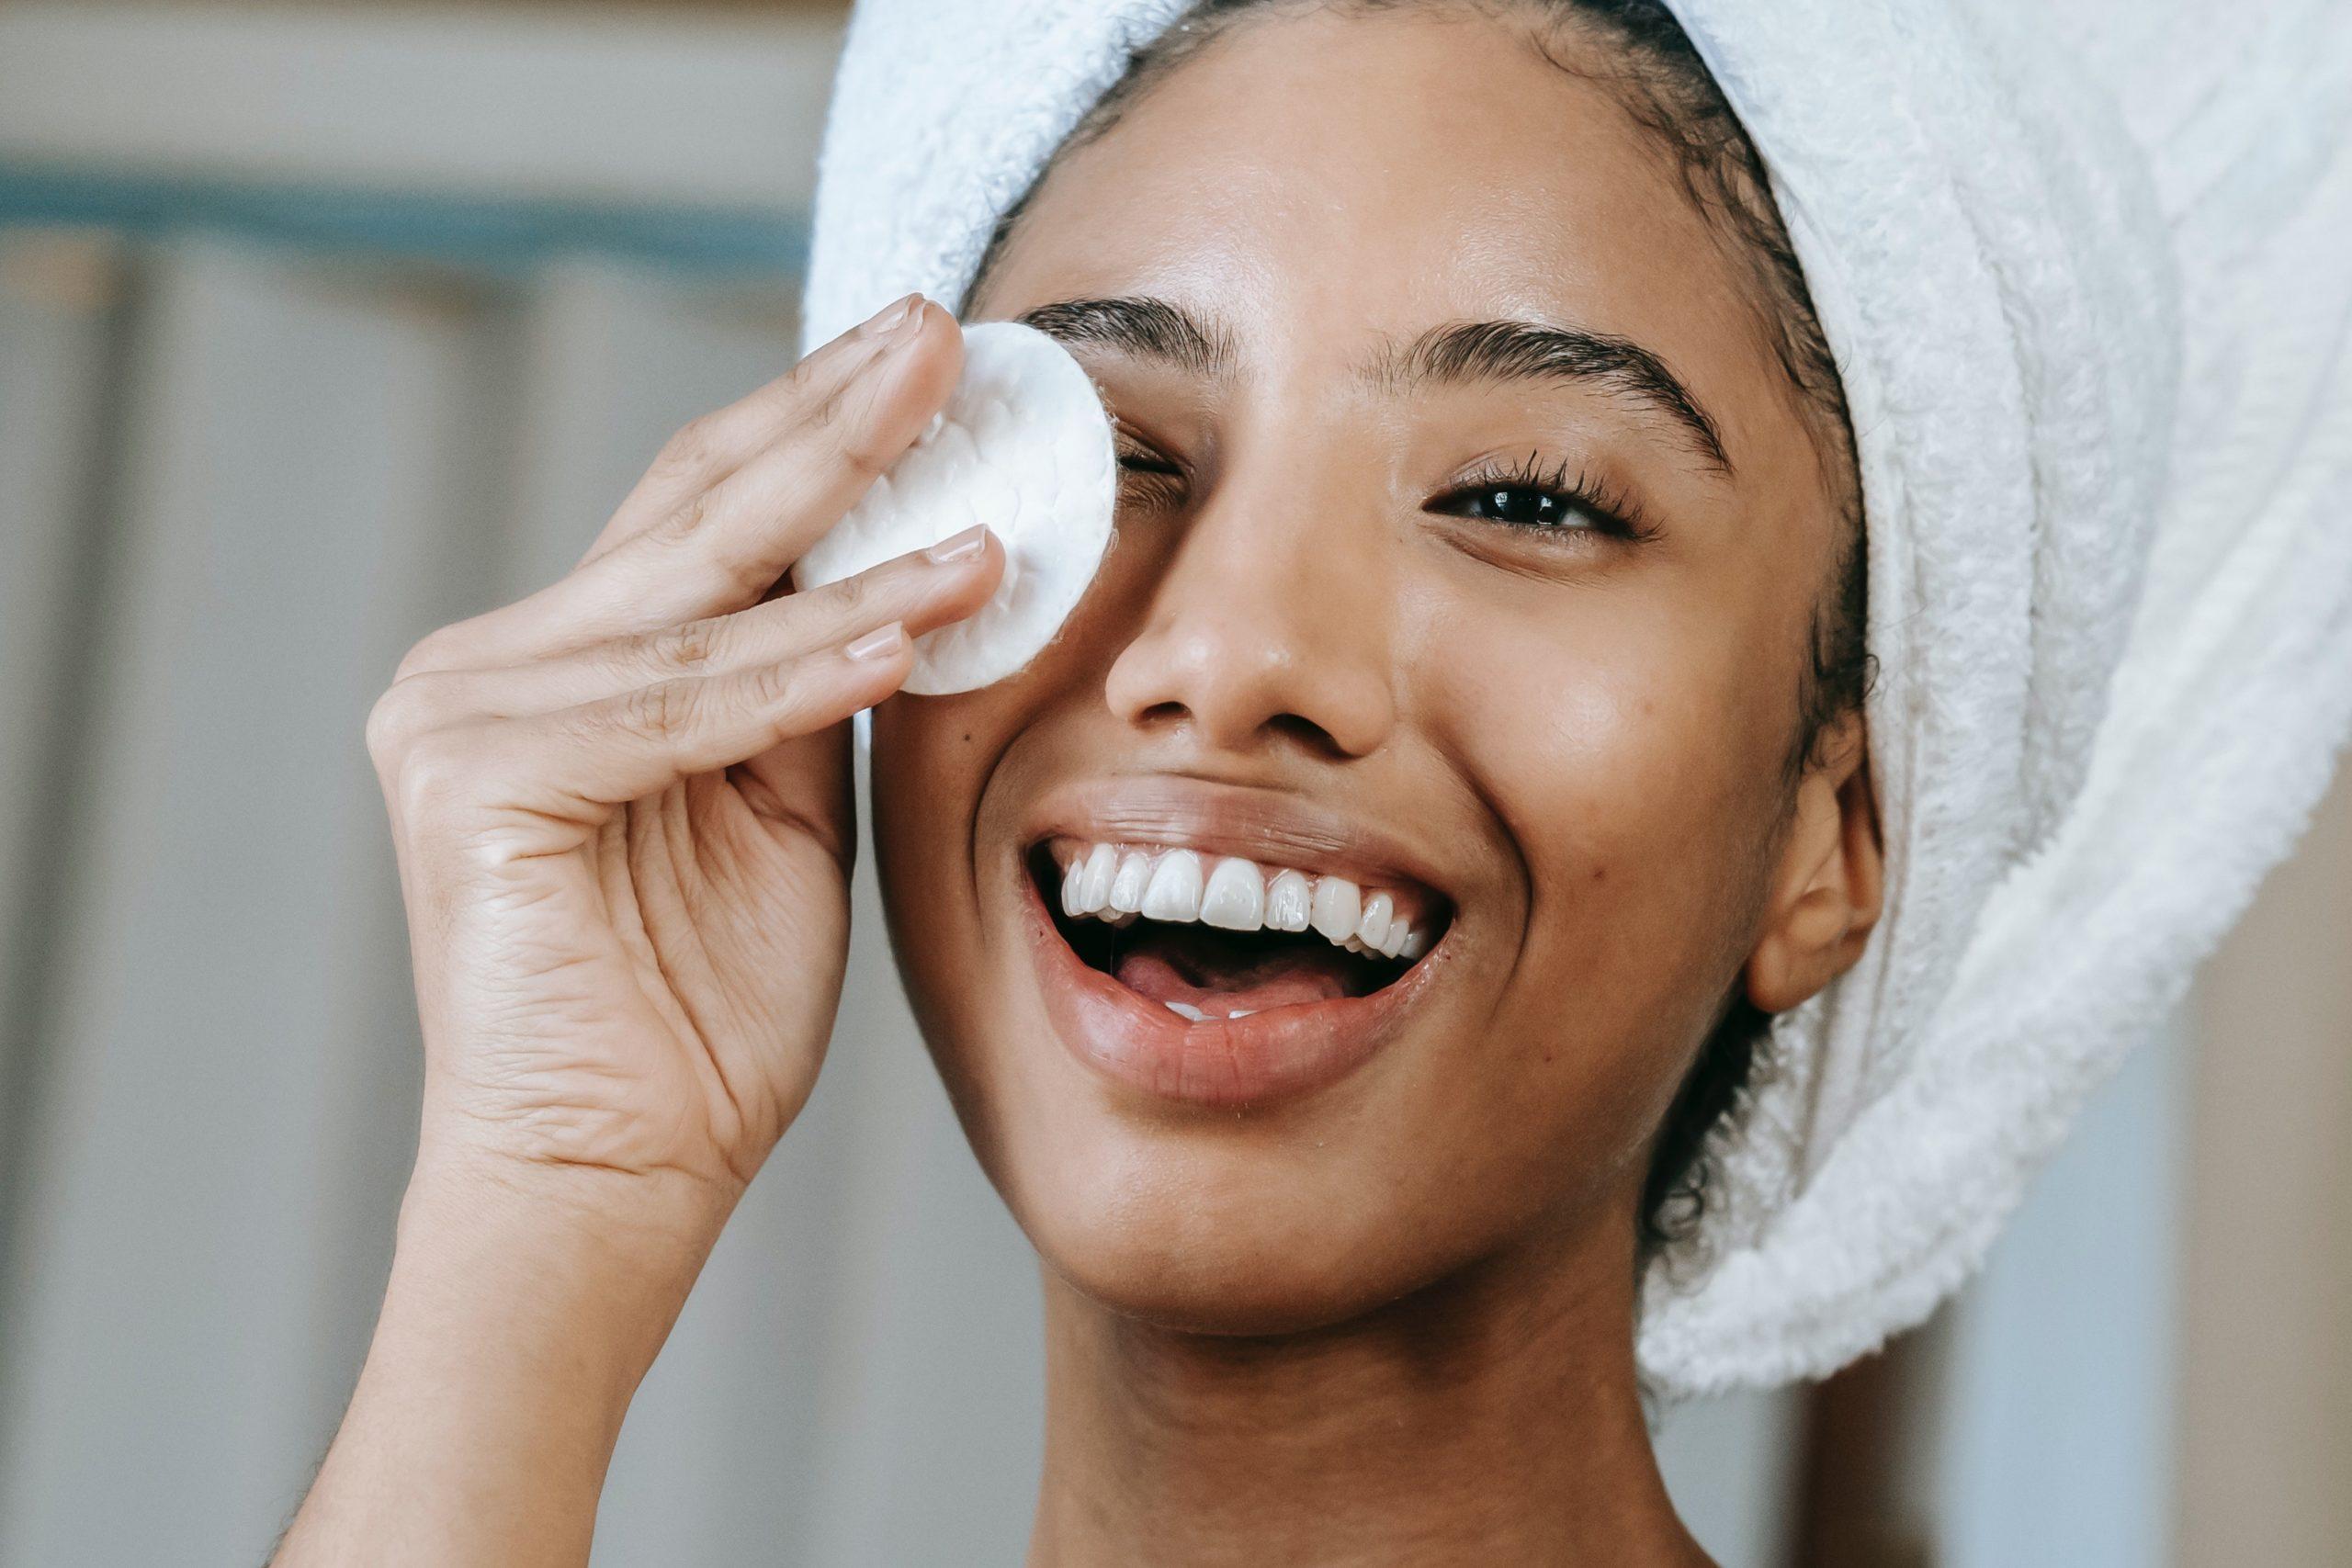 Soins naturels de la peau - Pourquoi s'embêter?